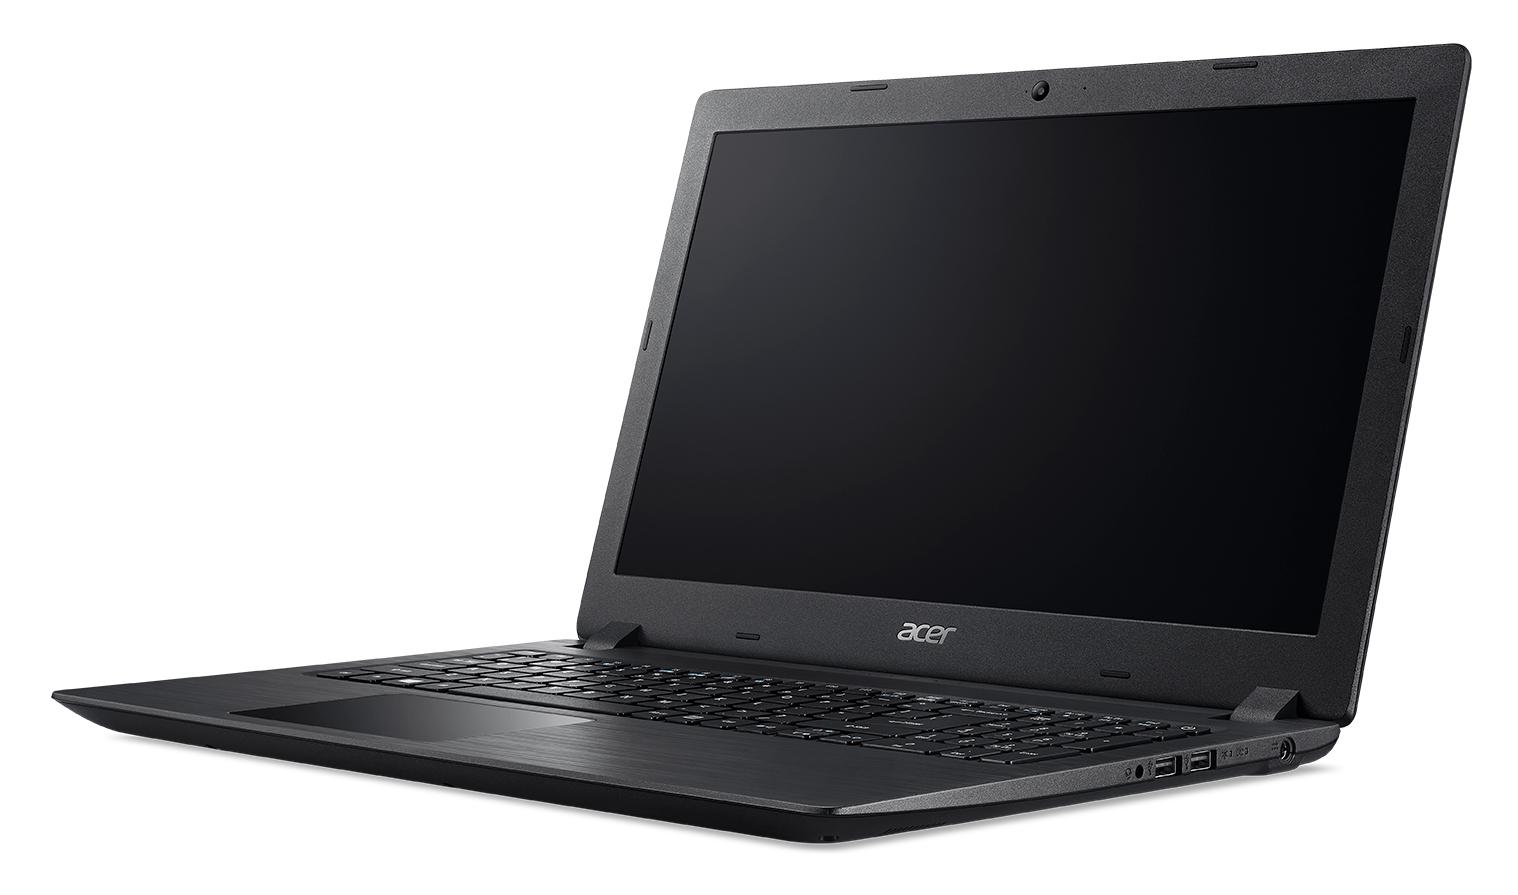 Acer Aspire A315-51-39N0 2.4GHz i3-7100U 15.6